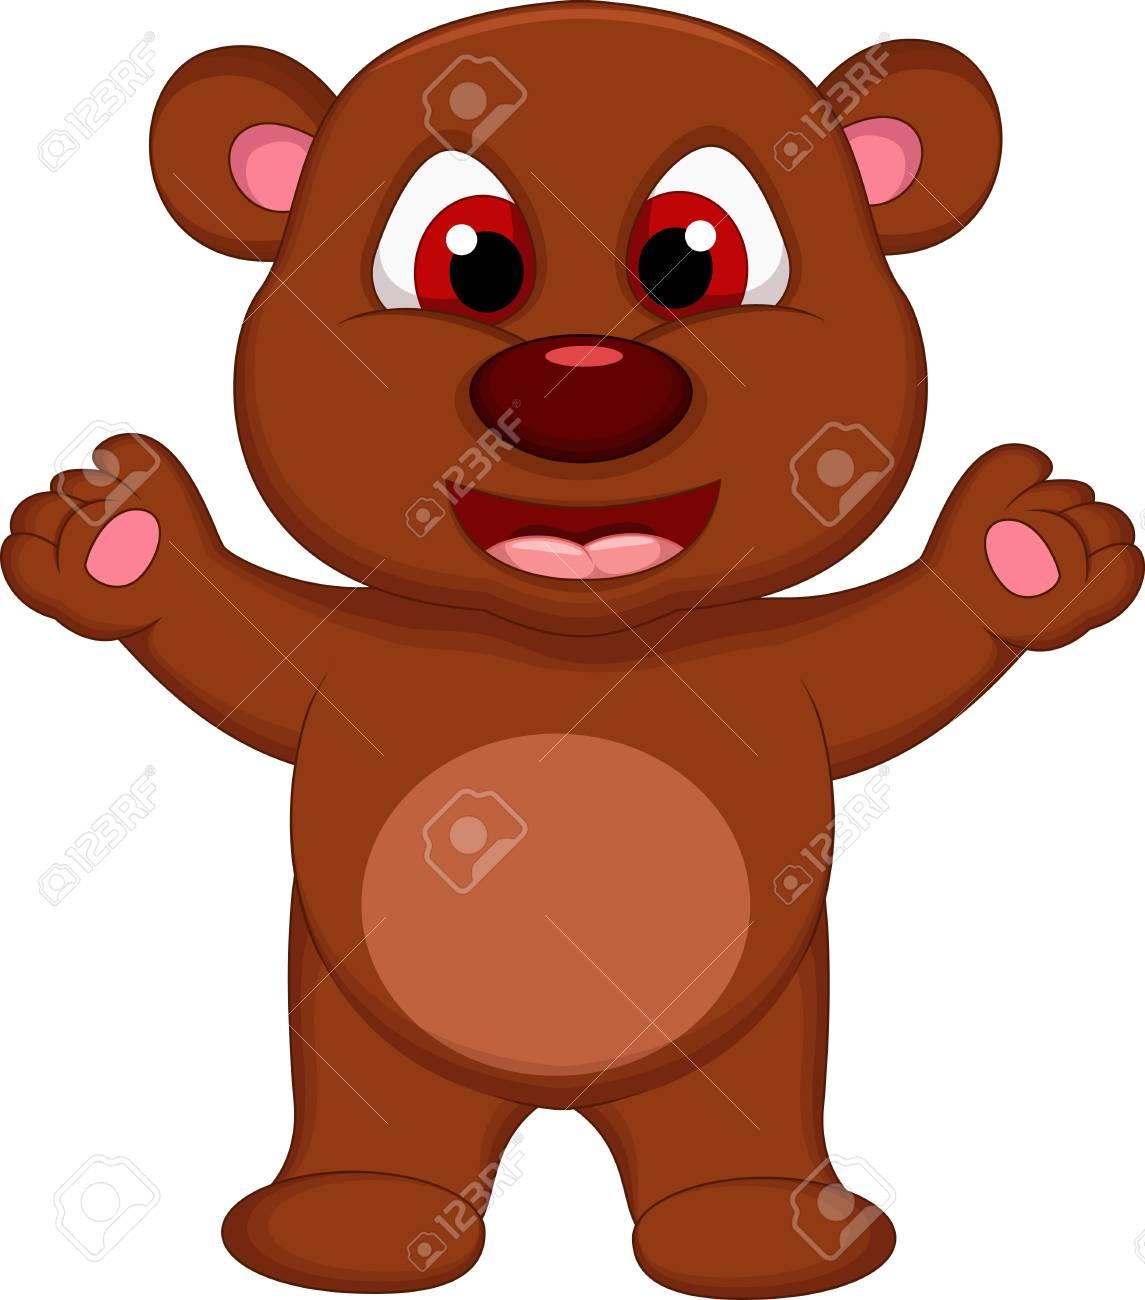 cute brown bear cartoon Stock Vector - 27596213